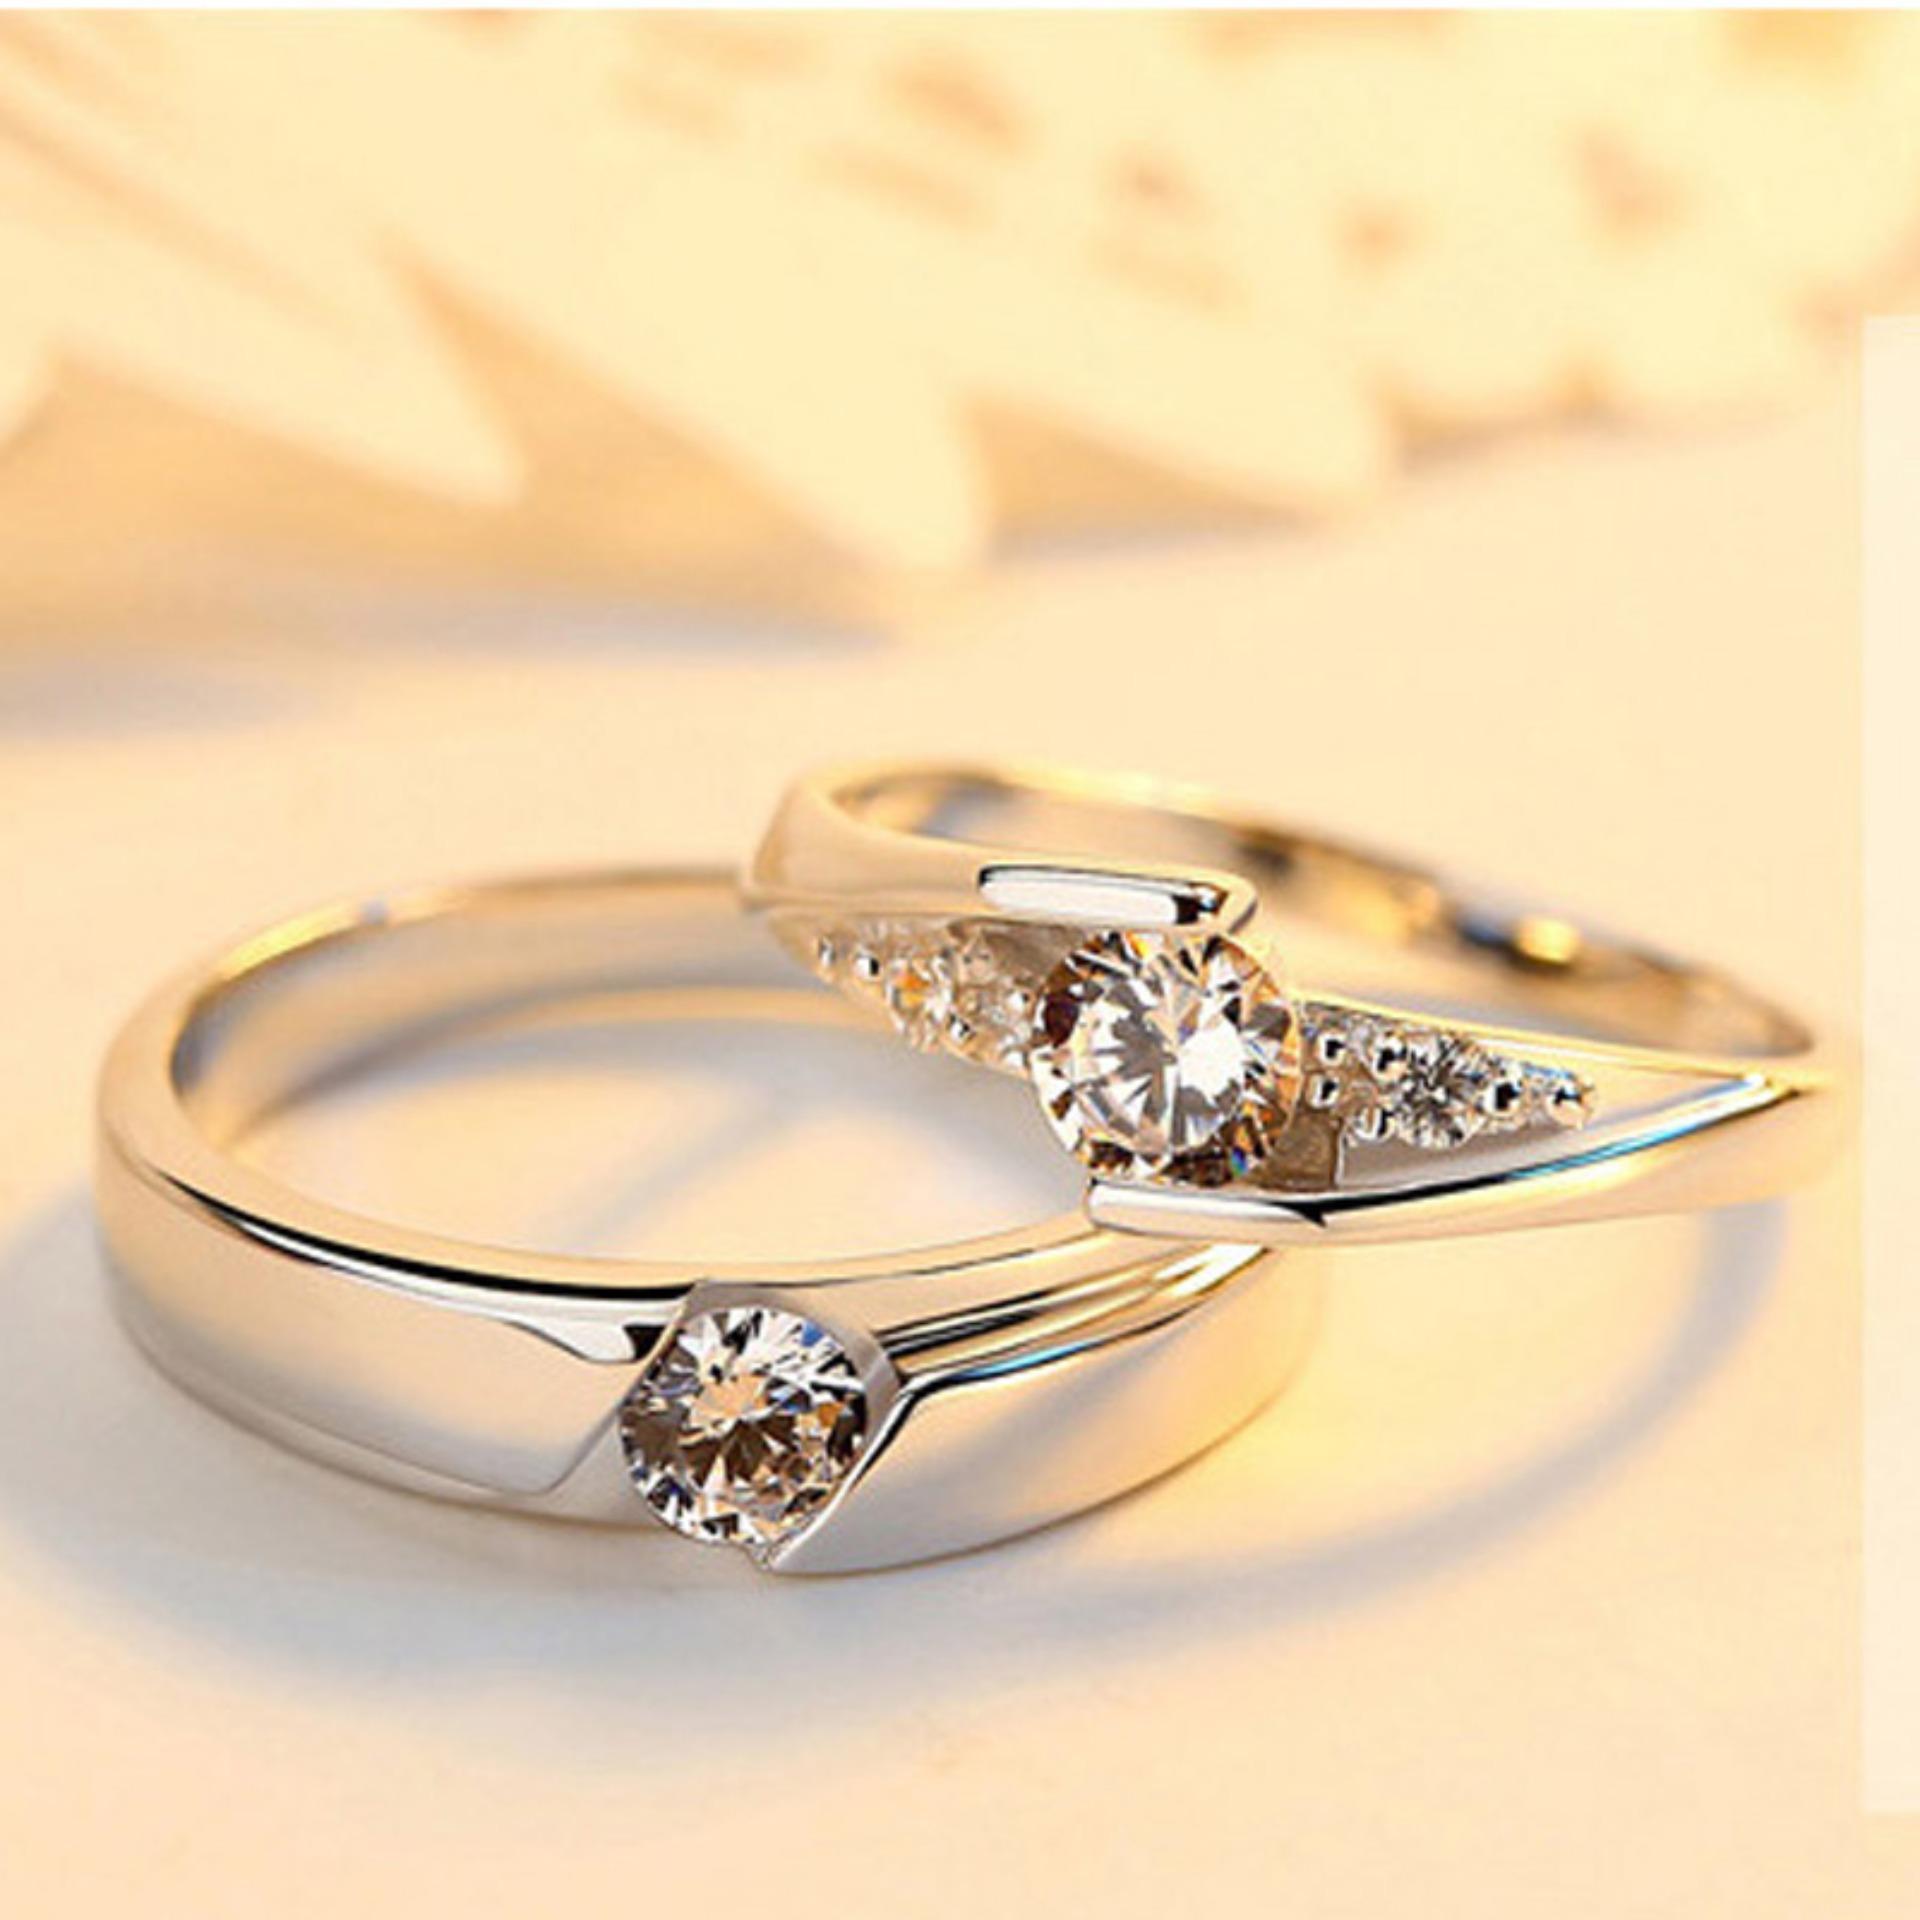 Voucher tại Lazada cho Nhẫn đôi Nhẫn Cặp đính đá Lấp Lánh Thời Trang Tình Yêu  Lãng Mạn Quà Tặng Hộp Trang Sức Chất Lượng Cao Cấp Giá Sỉ SPR-JZ090